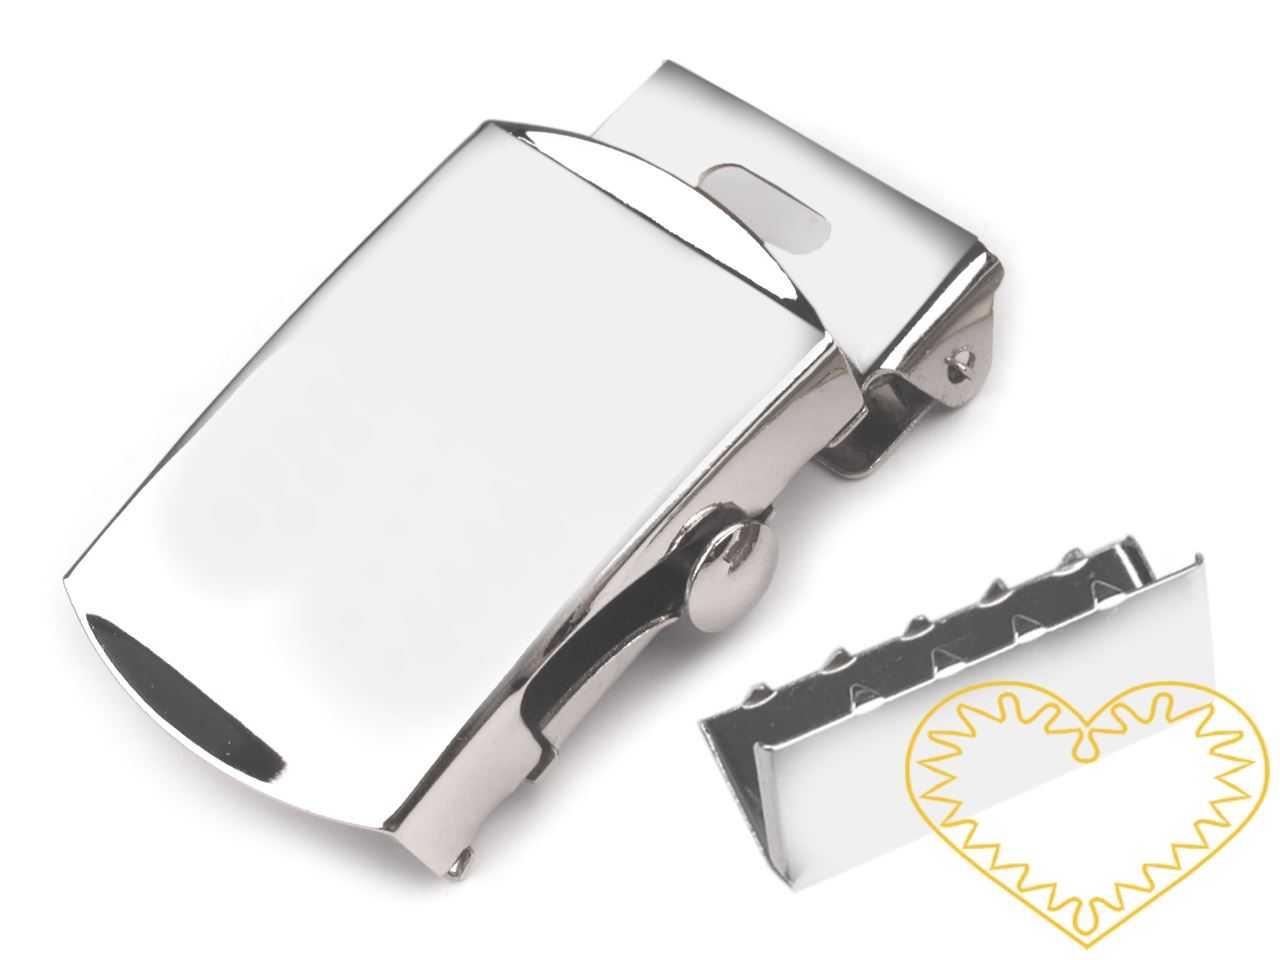 Kovová spona s koncovkou je určená na výrobu popruhových (látkových) opasků. Spona má na jedné straně zoubky, které popruh dobře zafixují a přidrží, takže materiál nebude prokluzovat. Koncovku připevněte kleštěmi na konec opasku.